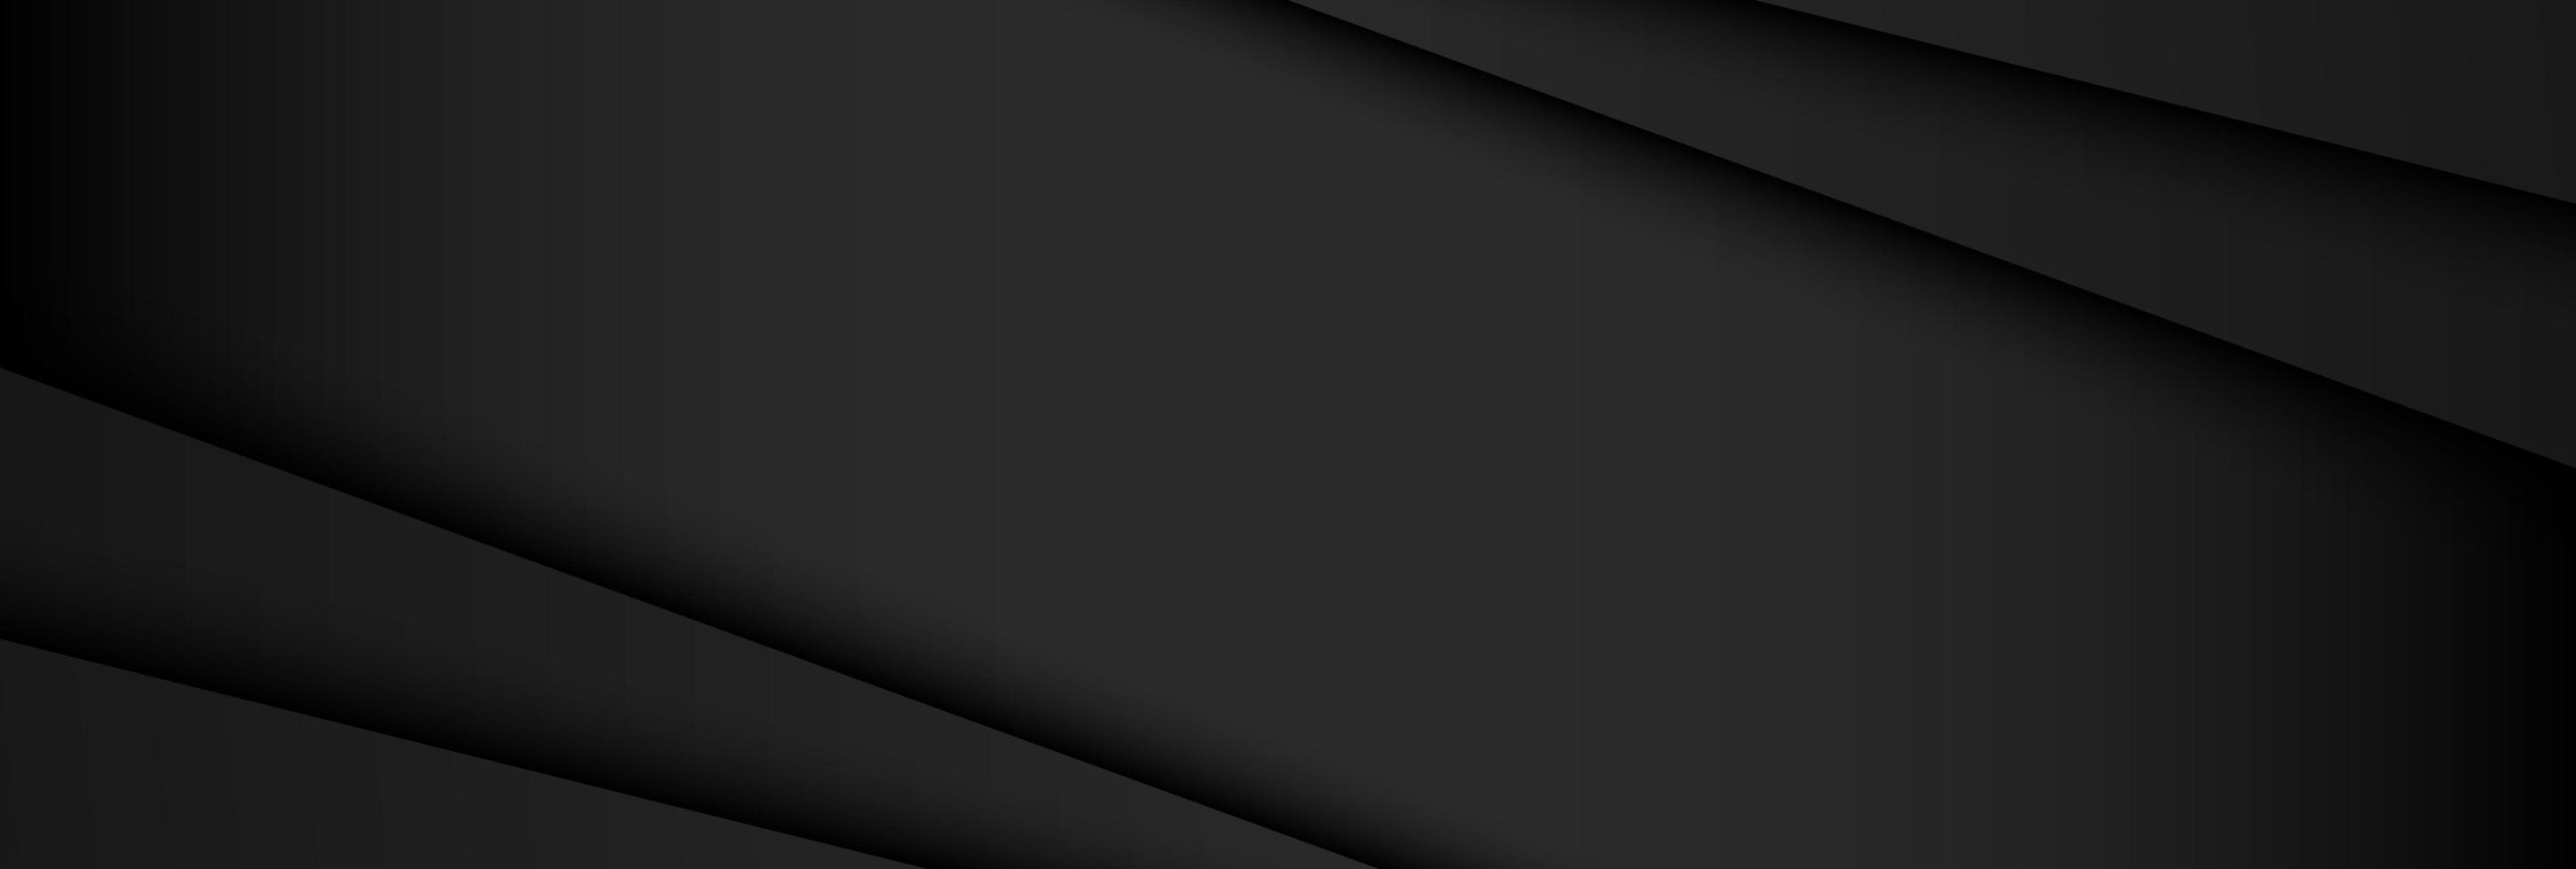 svart vinklat lager abstrakt modern design vektor